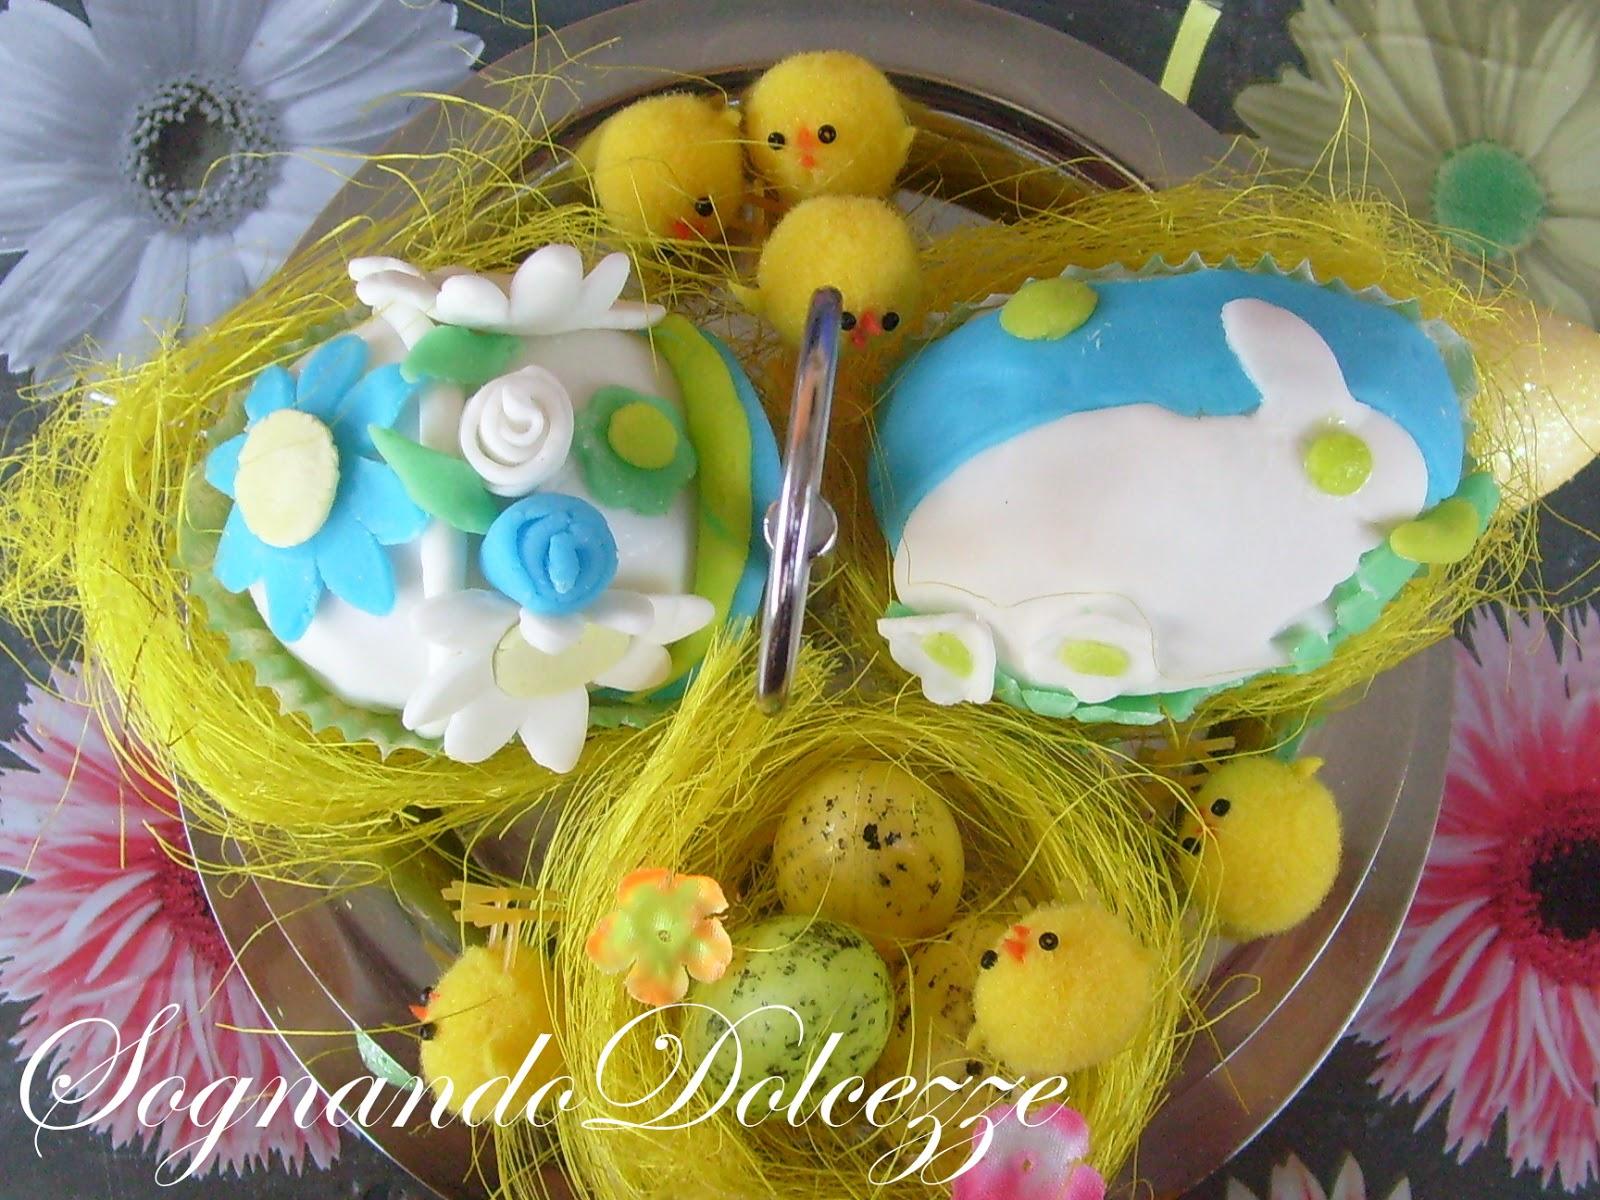 Sognando dolcezze ovetti di cioccolato decorati - Uova di pasqua decorati ...